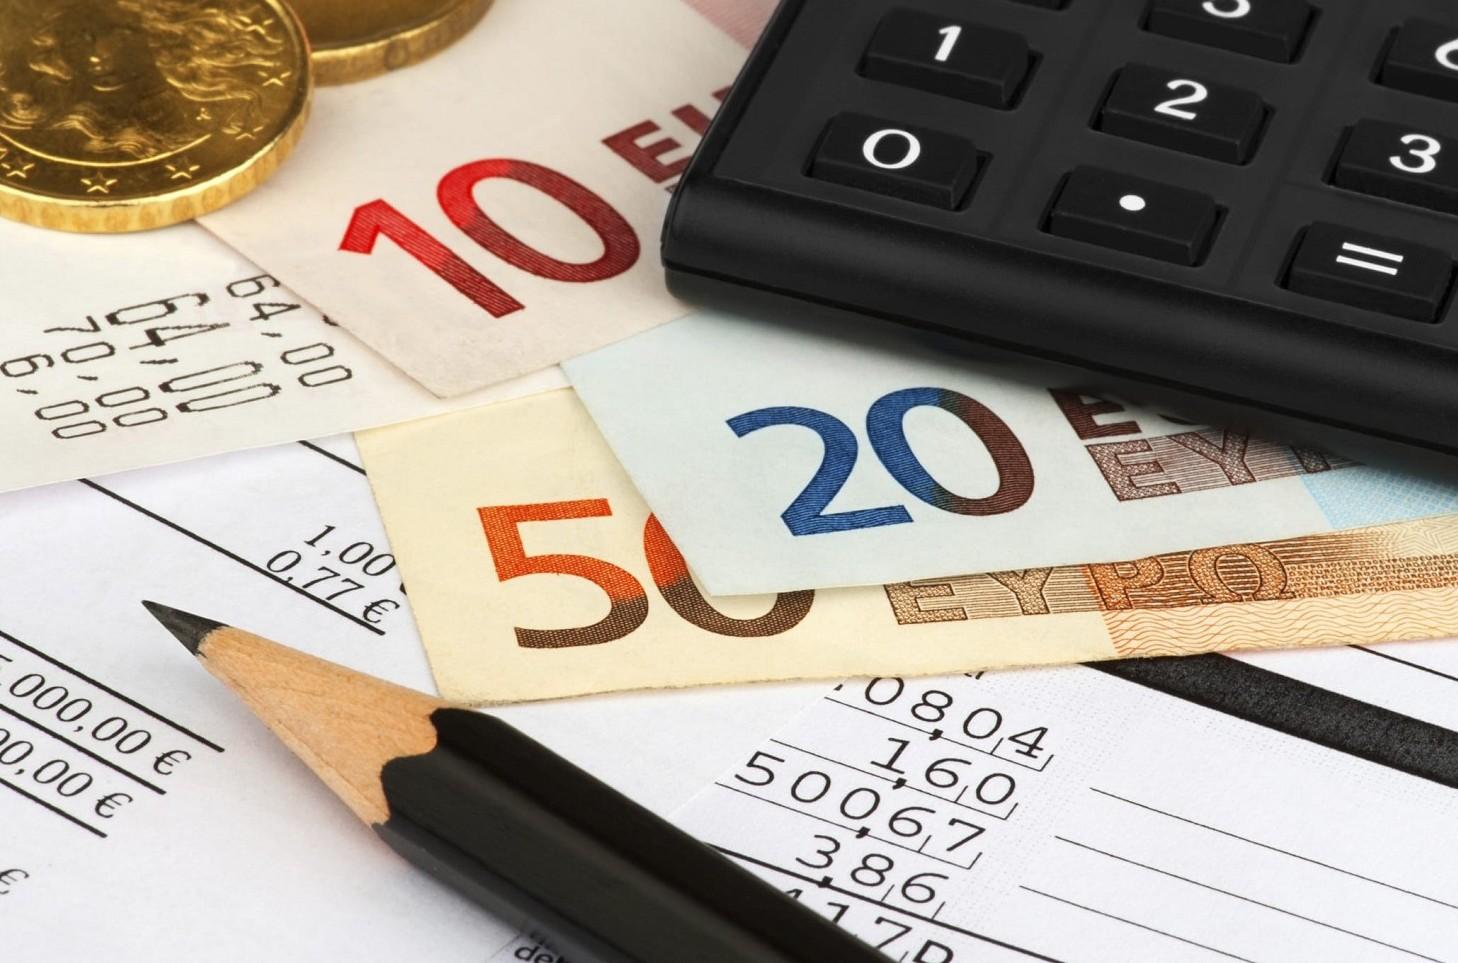 Controllo dei conti correnti da Agenzia